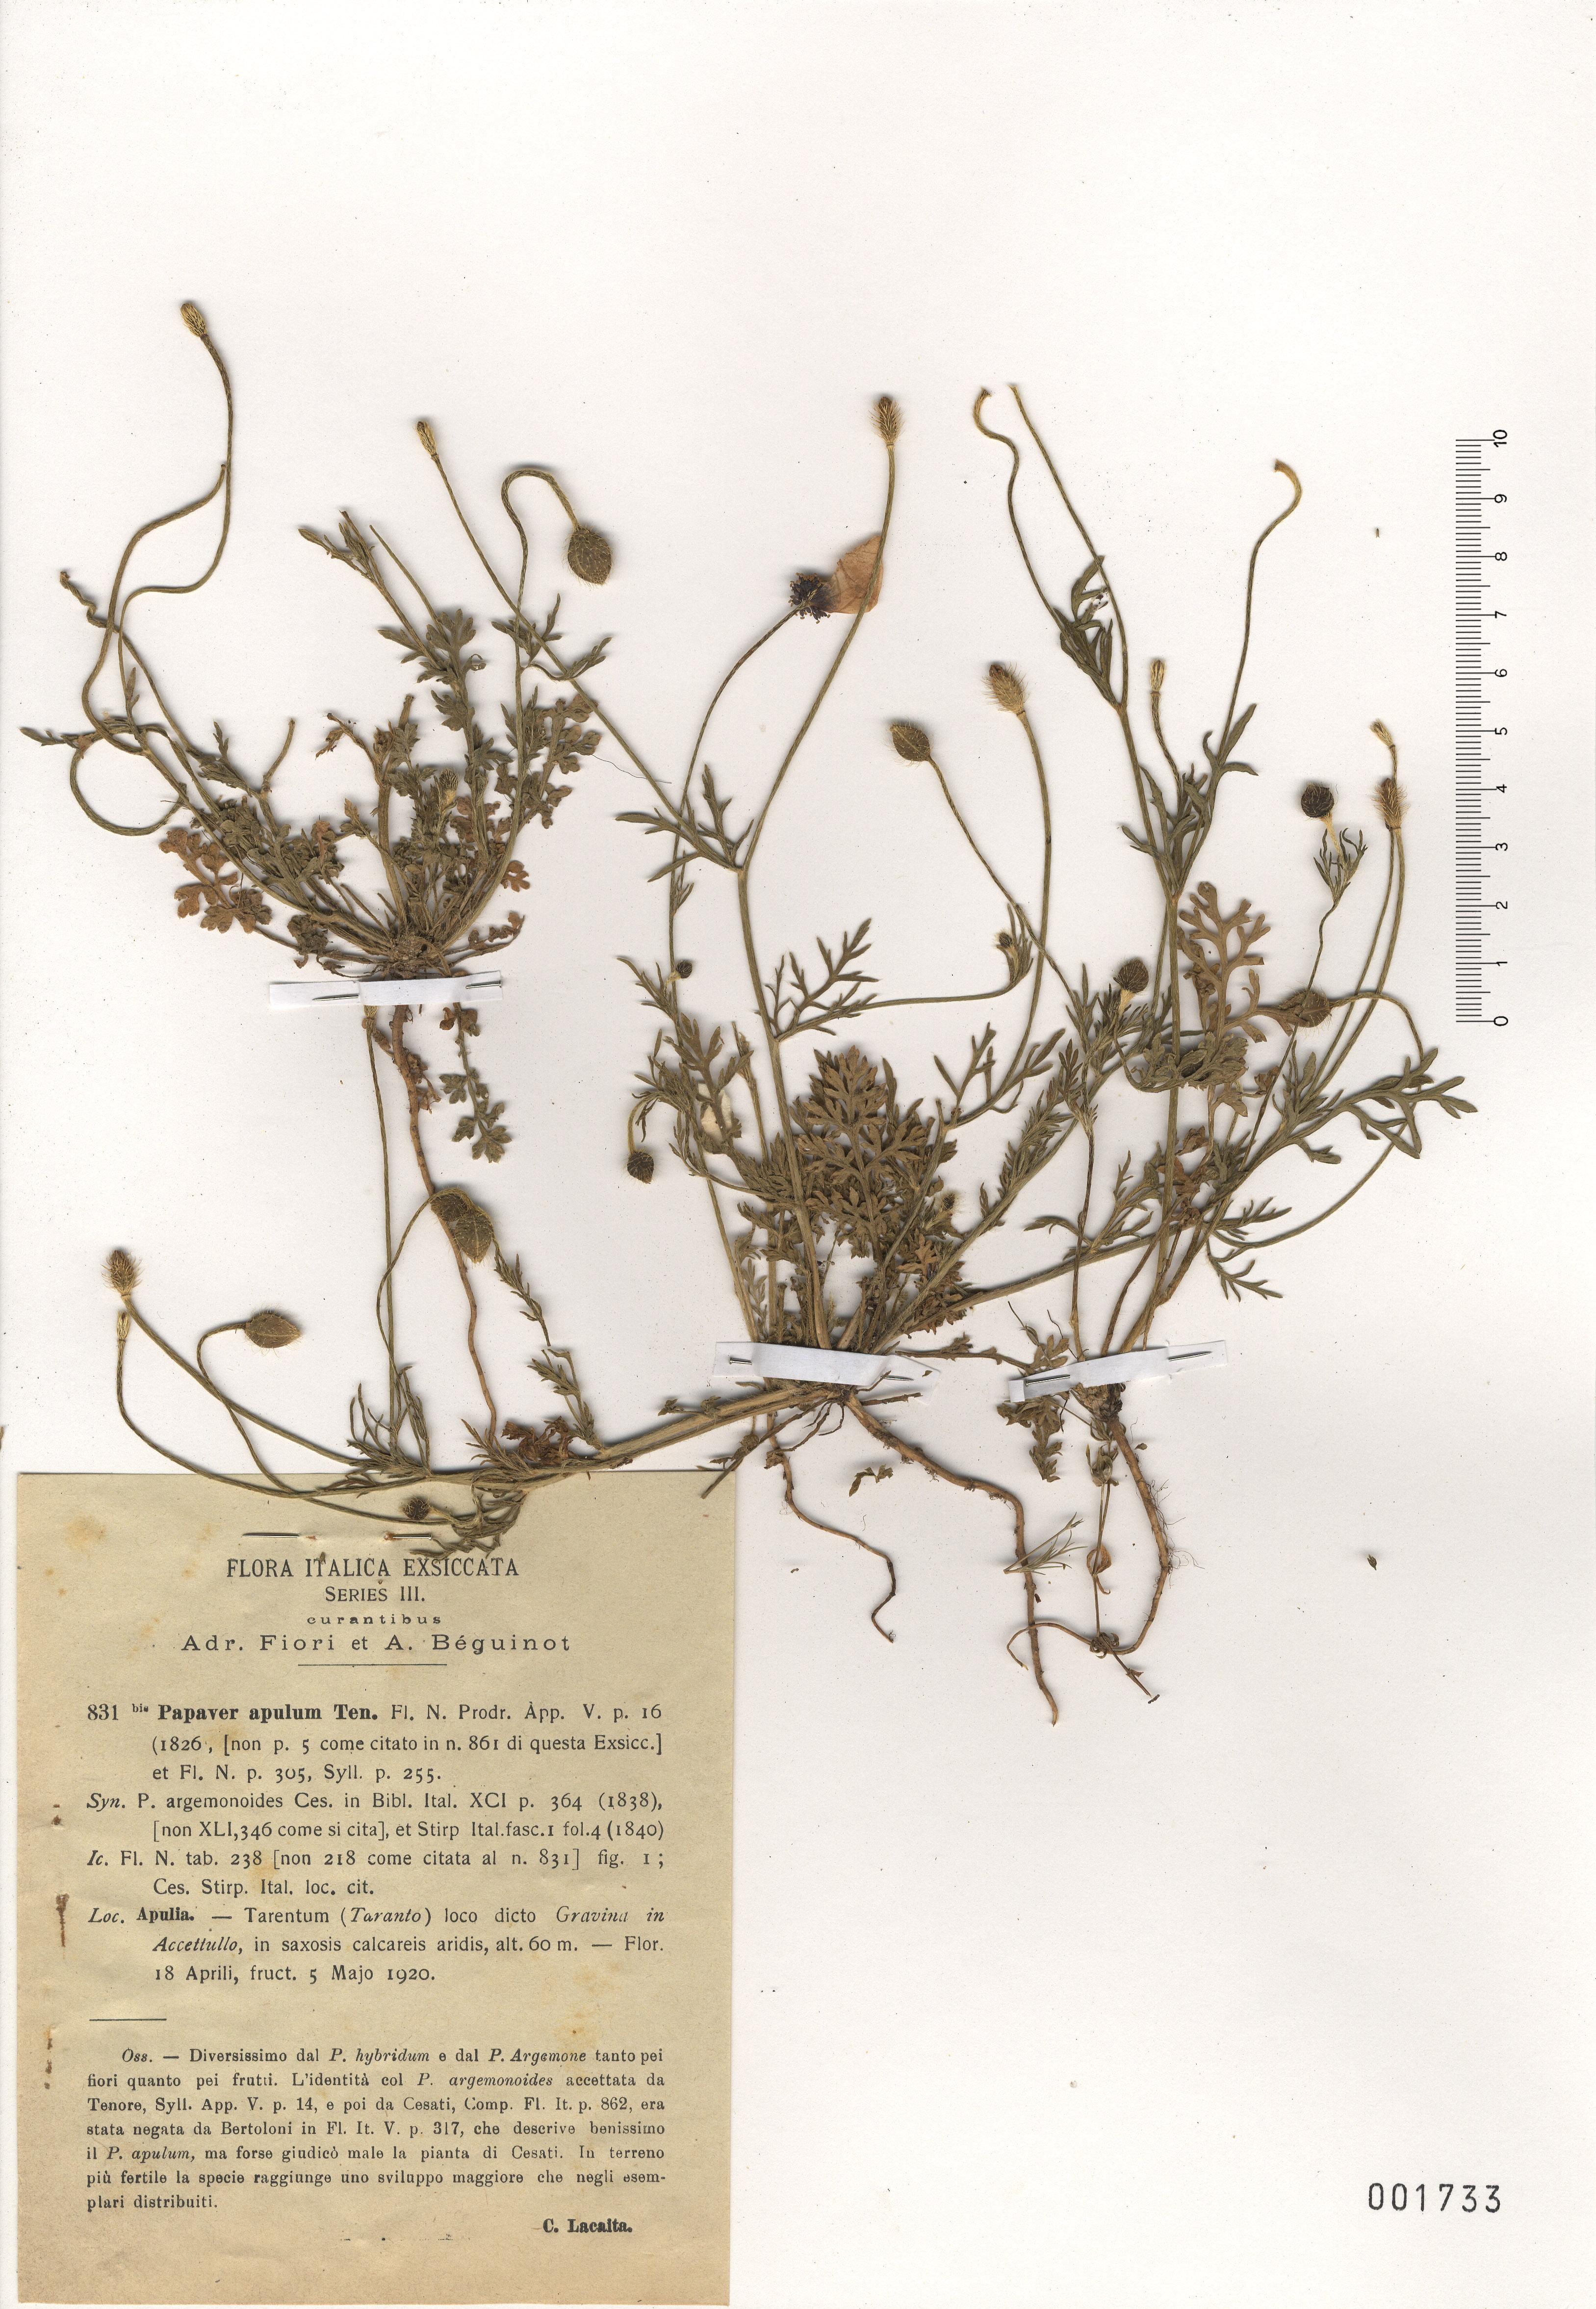 © Hortus Botanicus Catinensis - Herb. sheet 001733<br>